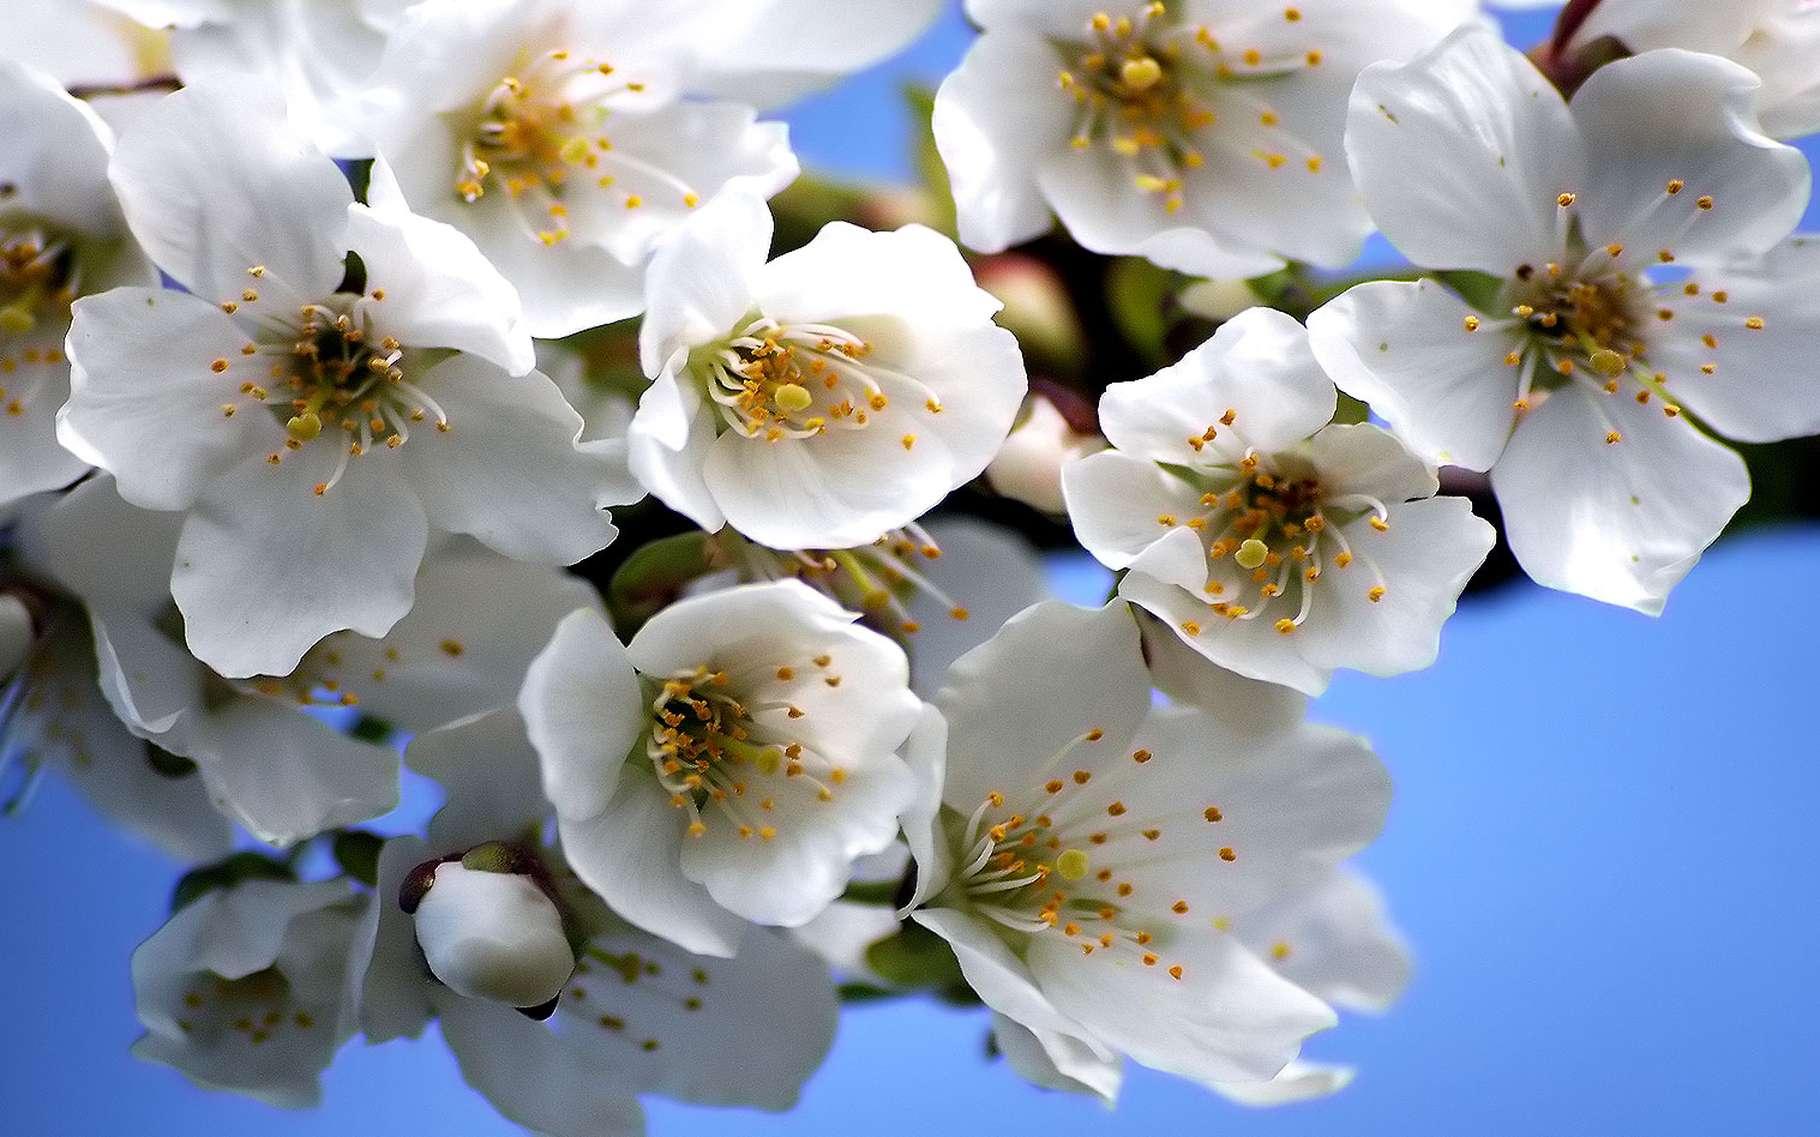 Le merisier est également appelé cerisier sauvage. © Kenneth Brown, Flickr CC by-nc 3.0